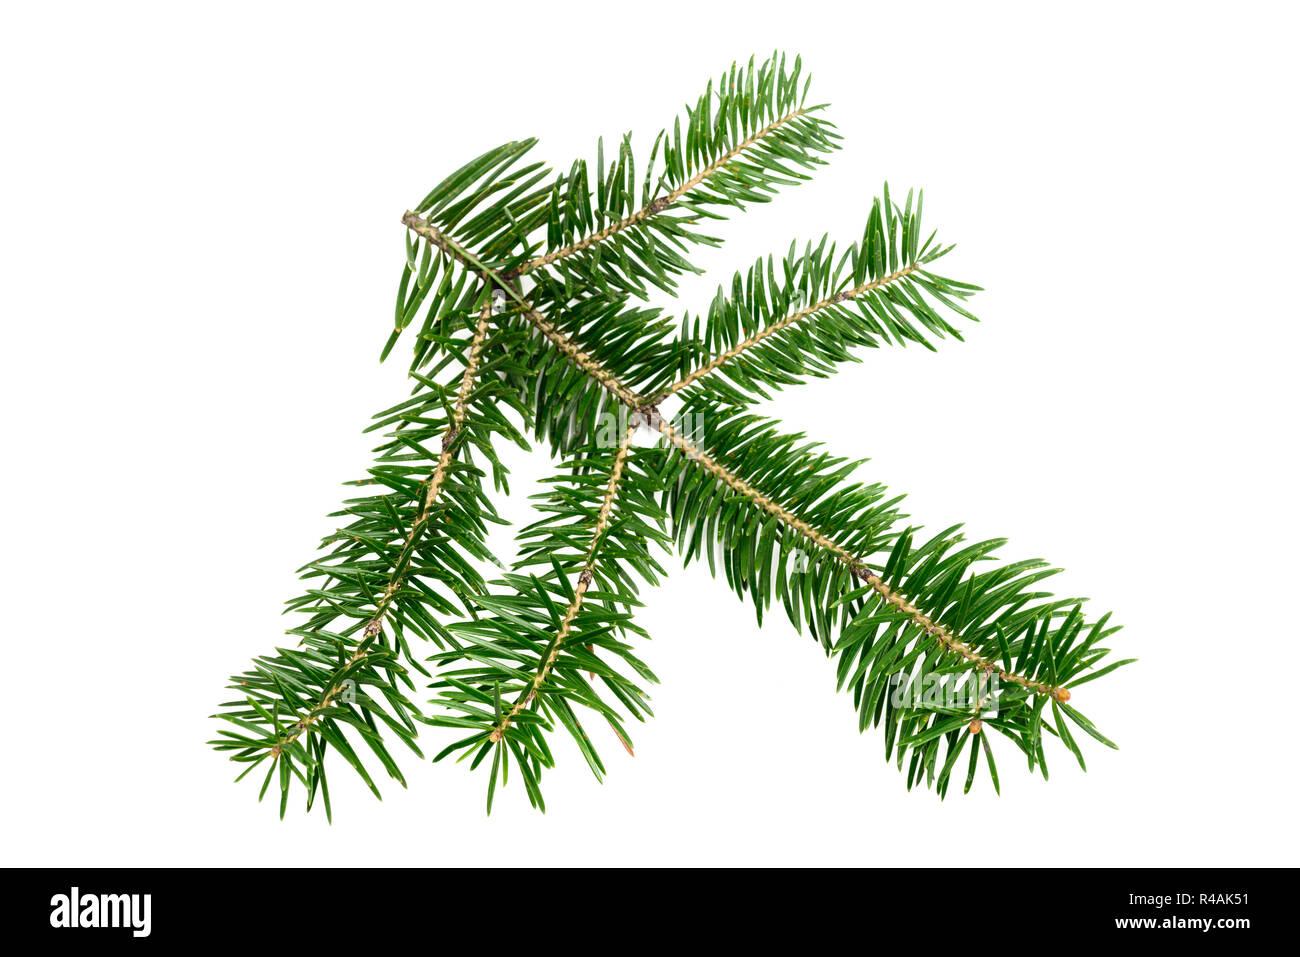 Direction générale de l'arbre de Noël de l'Evergreen isolé sur fond blanc. L'élément de conception Photo Stock